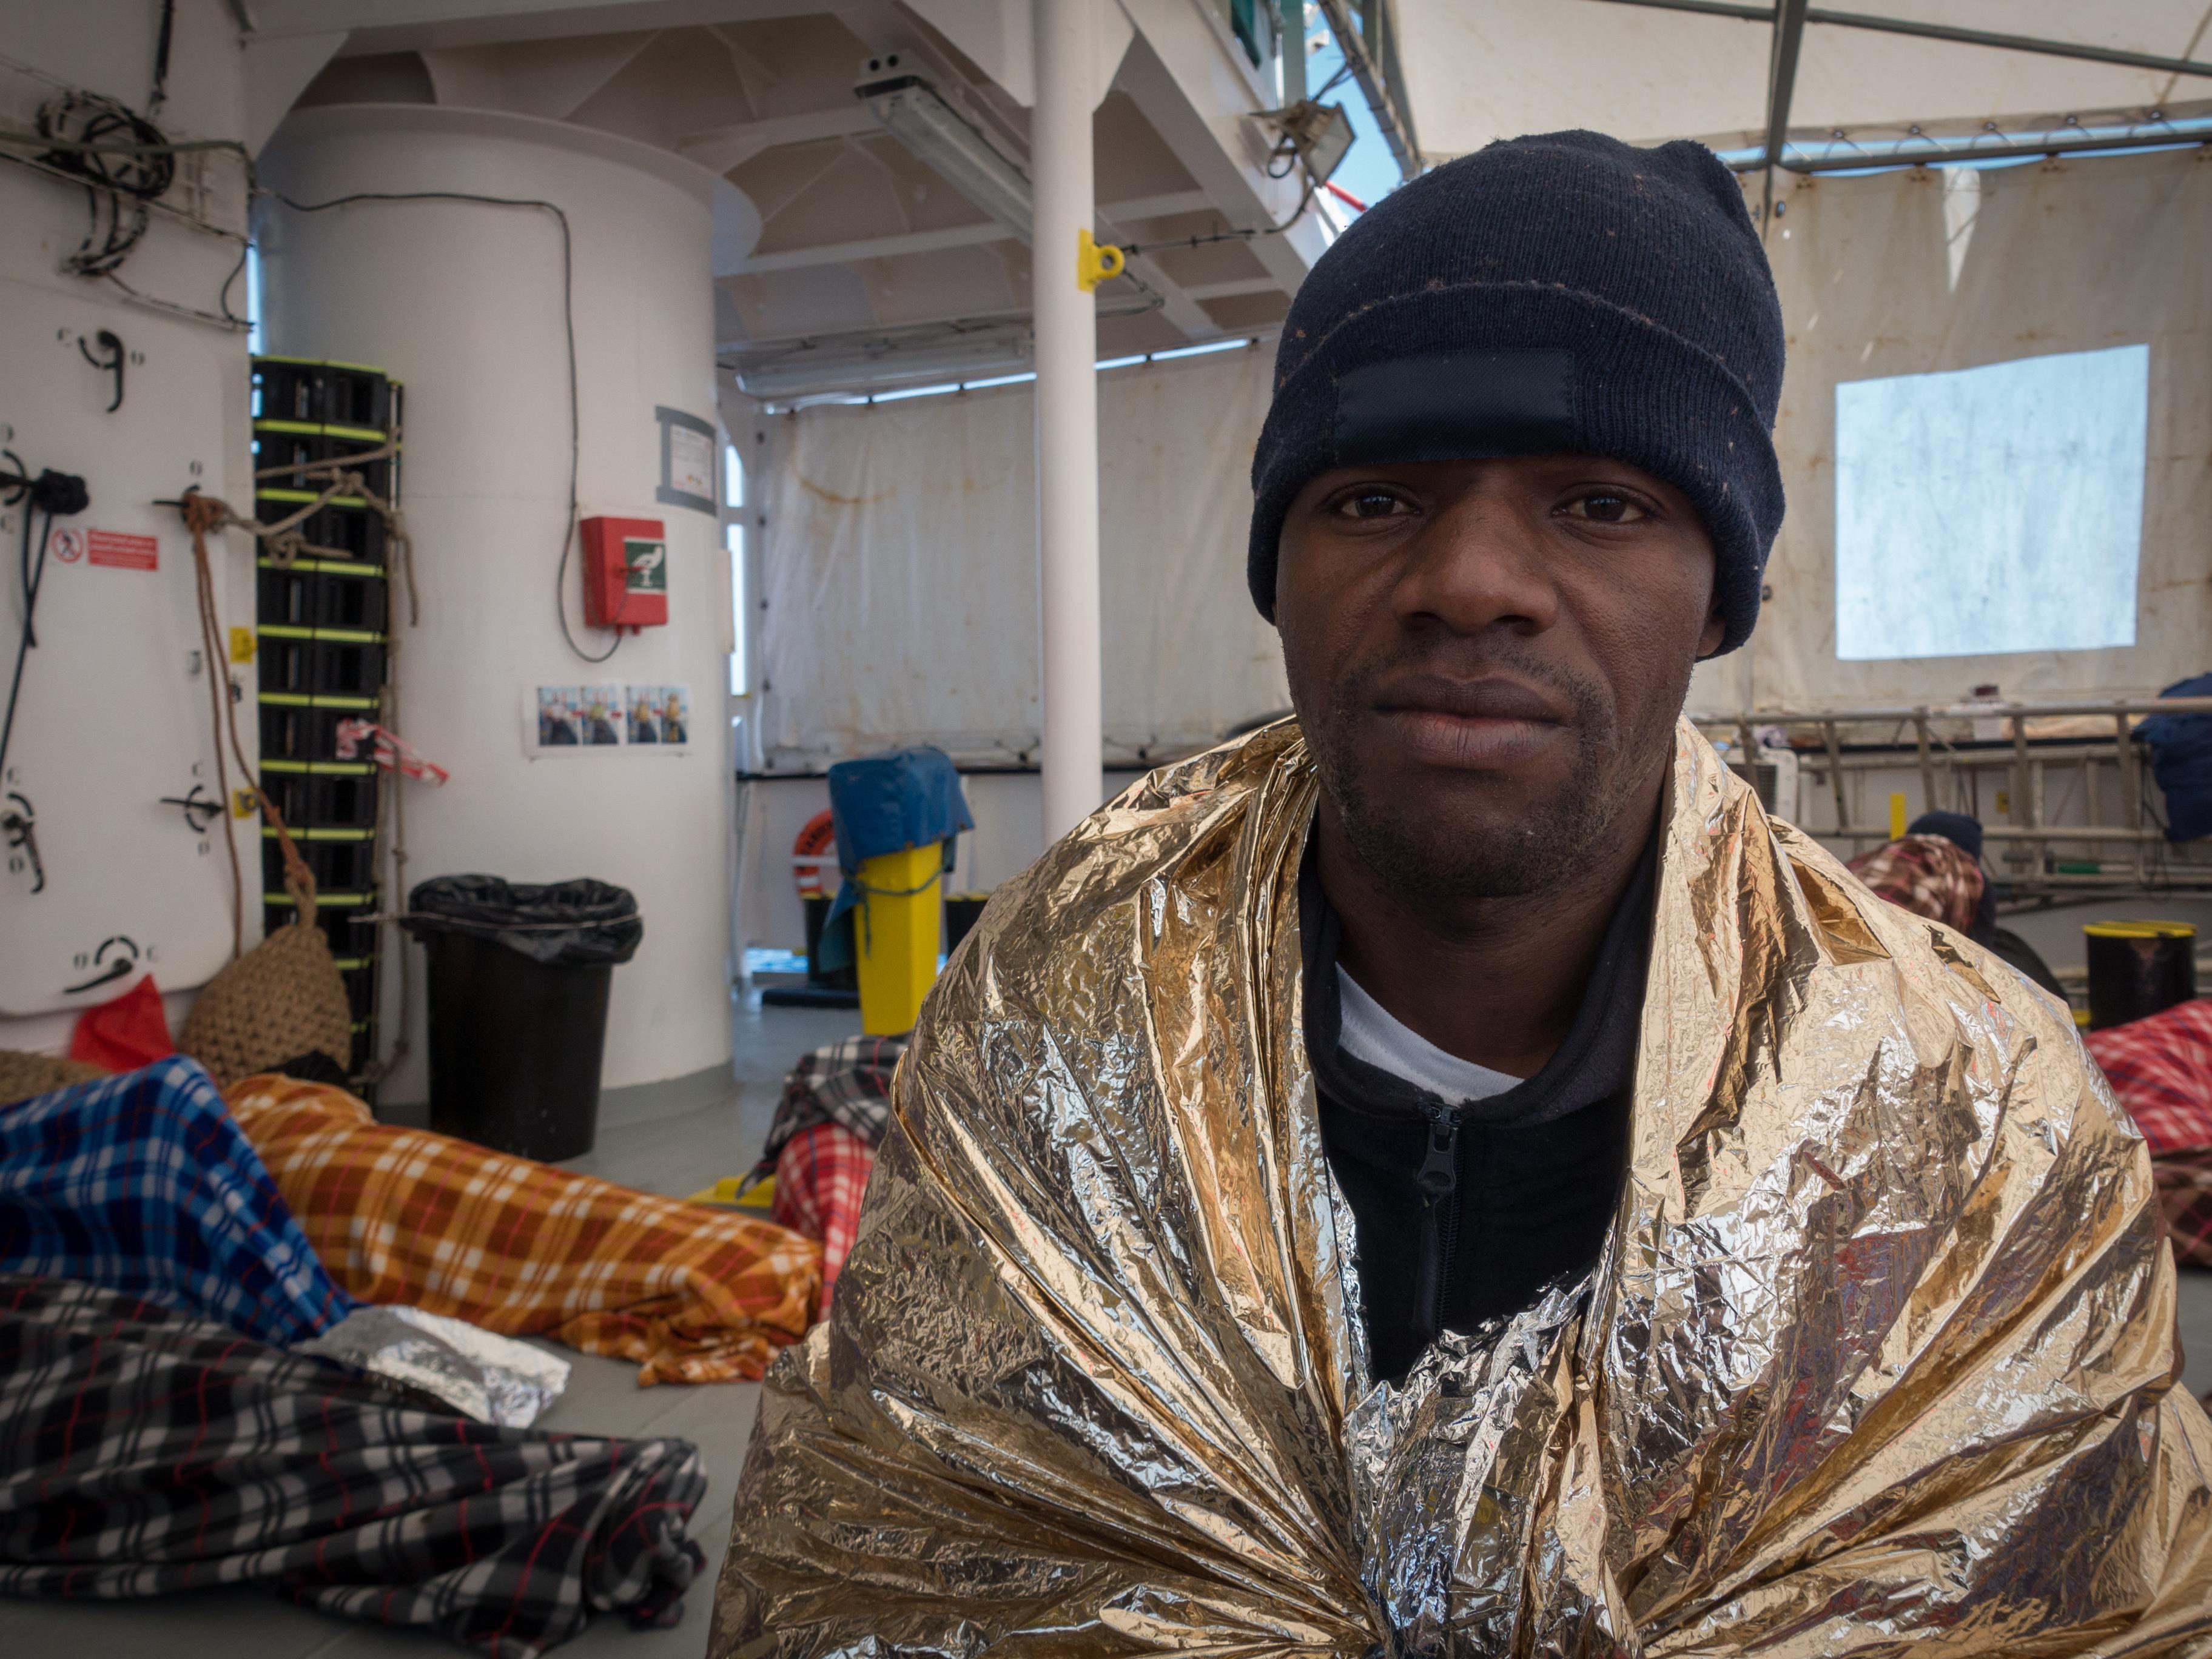 Mamadou Sally Diallo espérait trouver un emploi en Libye. Mais comme plusieurs migrants, il a été retenu contre son gré, battu et forcé de travailler dans des conditions inhumaines.